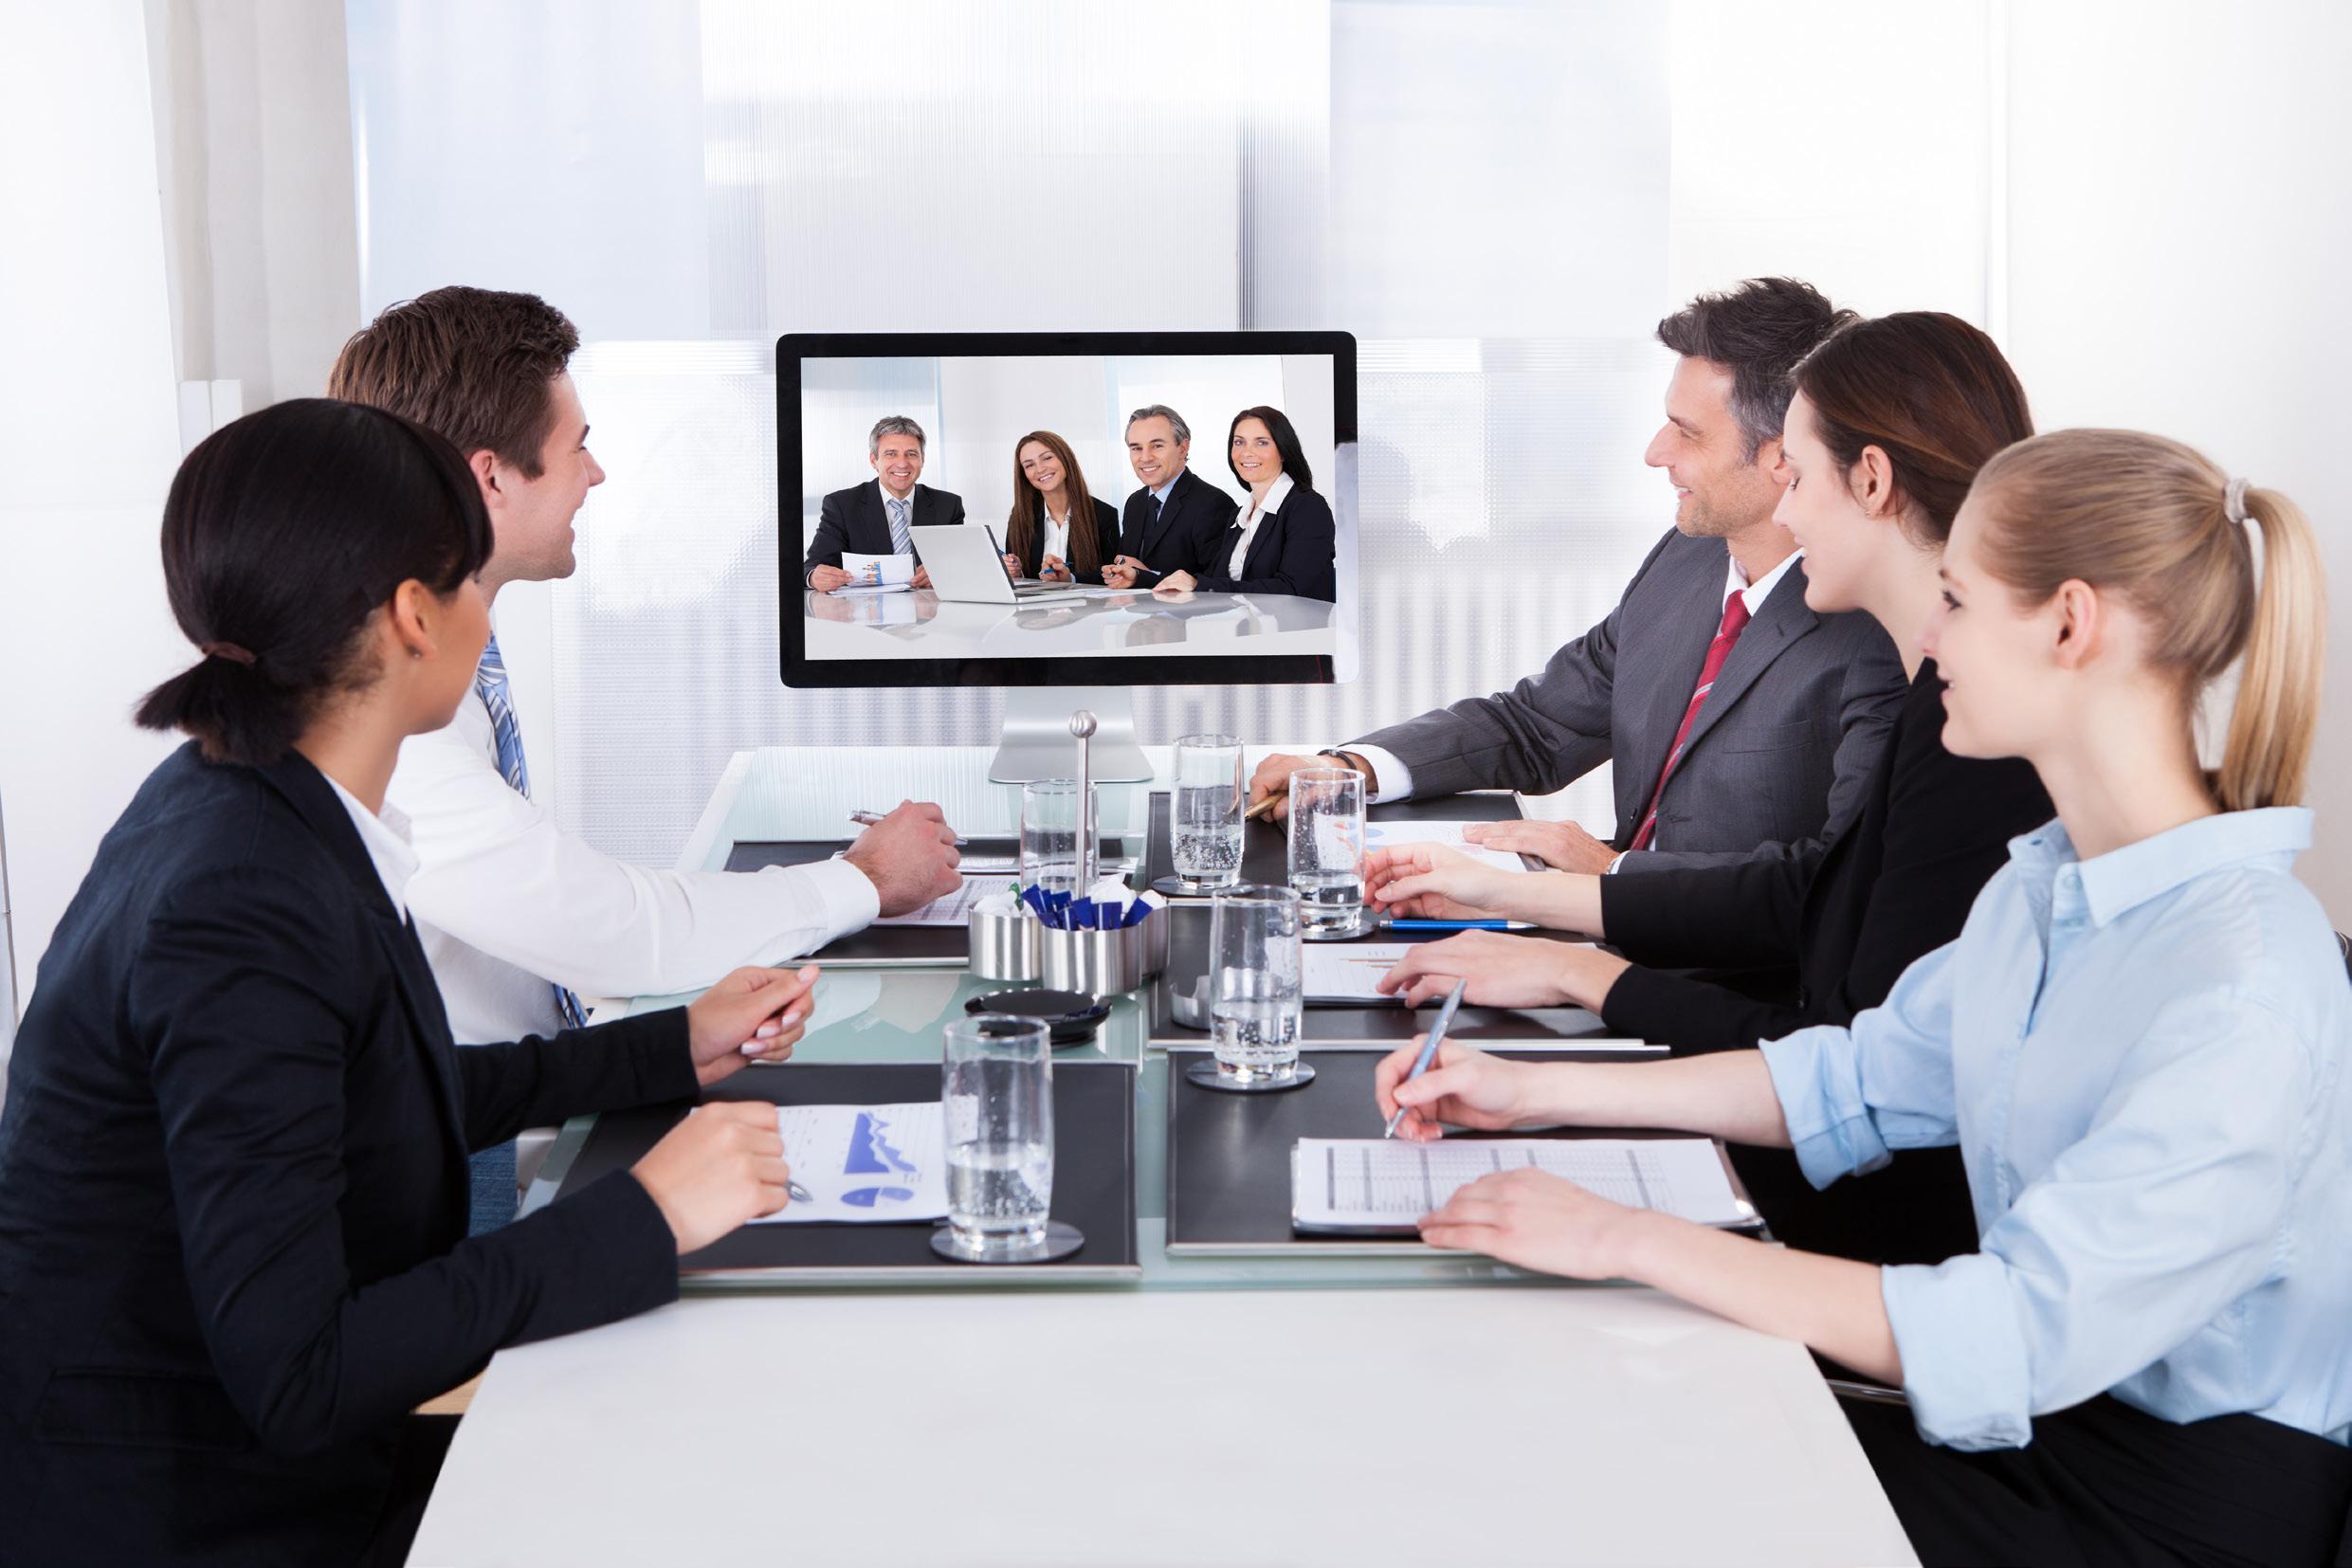 Equipo trabajando en videoconferencia